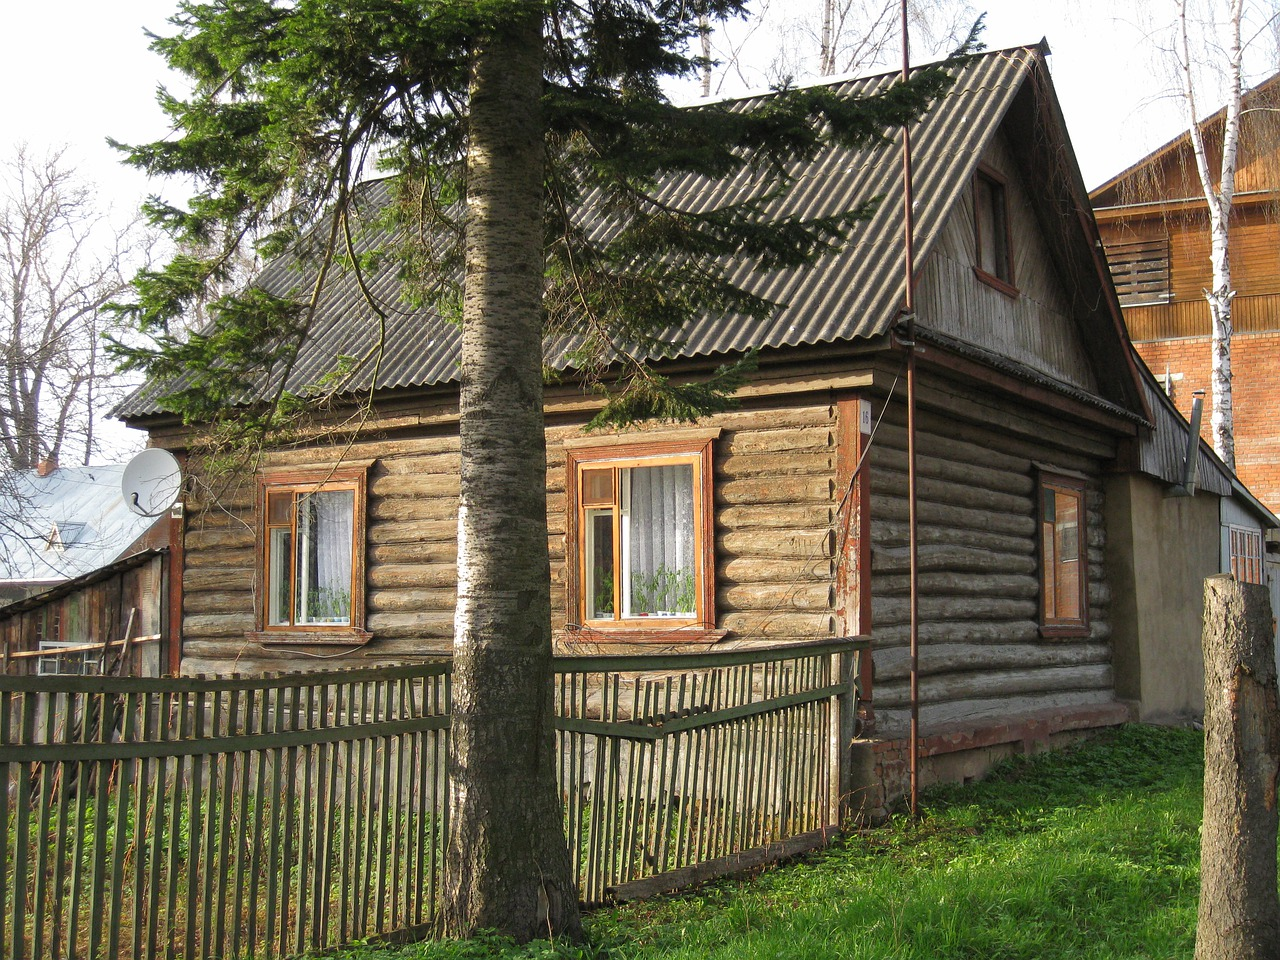 Cottage Cabin House Log Cabin Home  - Karinakorn / Pixabay